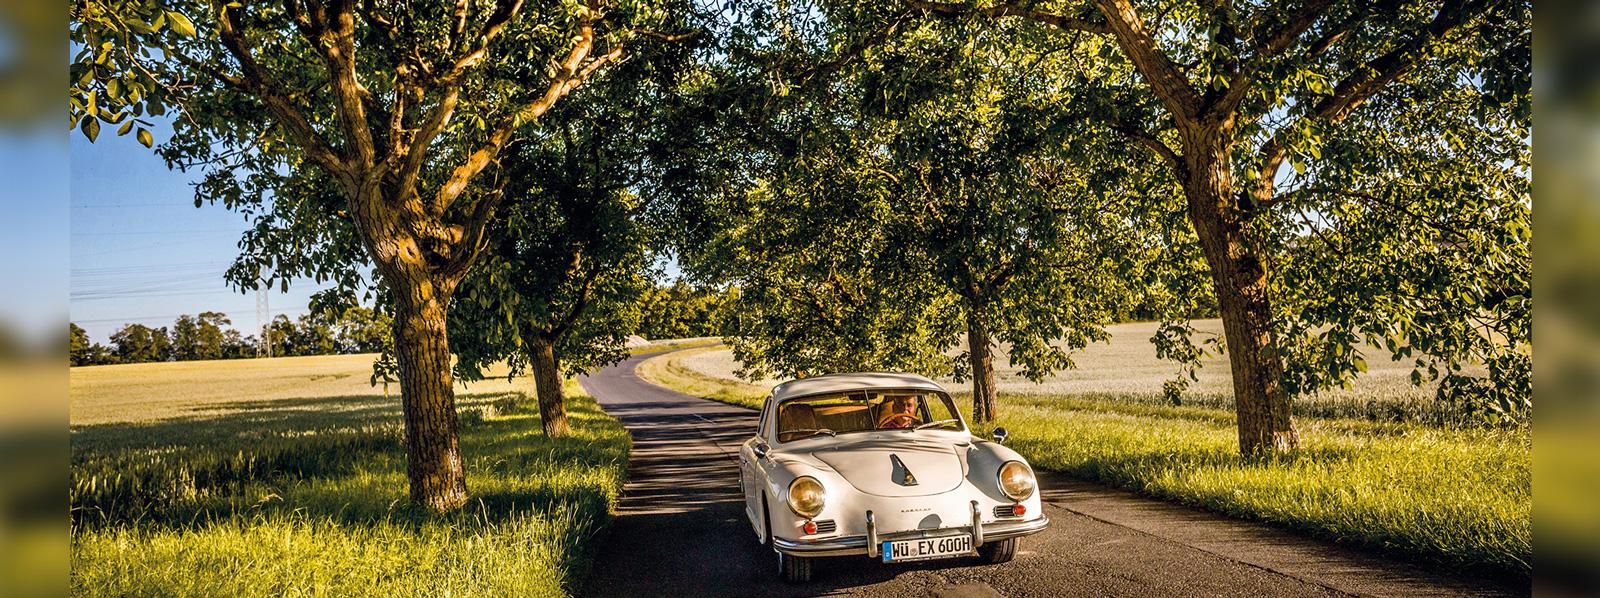 Este es el Porsche que nació en lo que fue la Alemania comunista